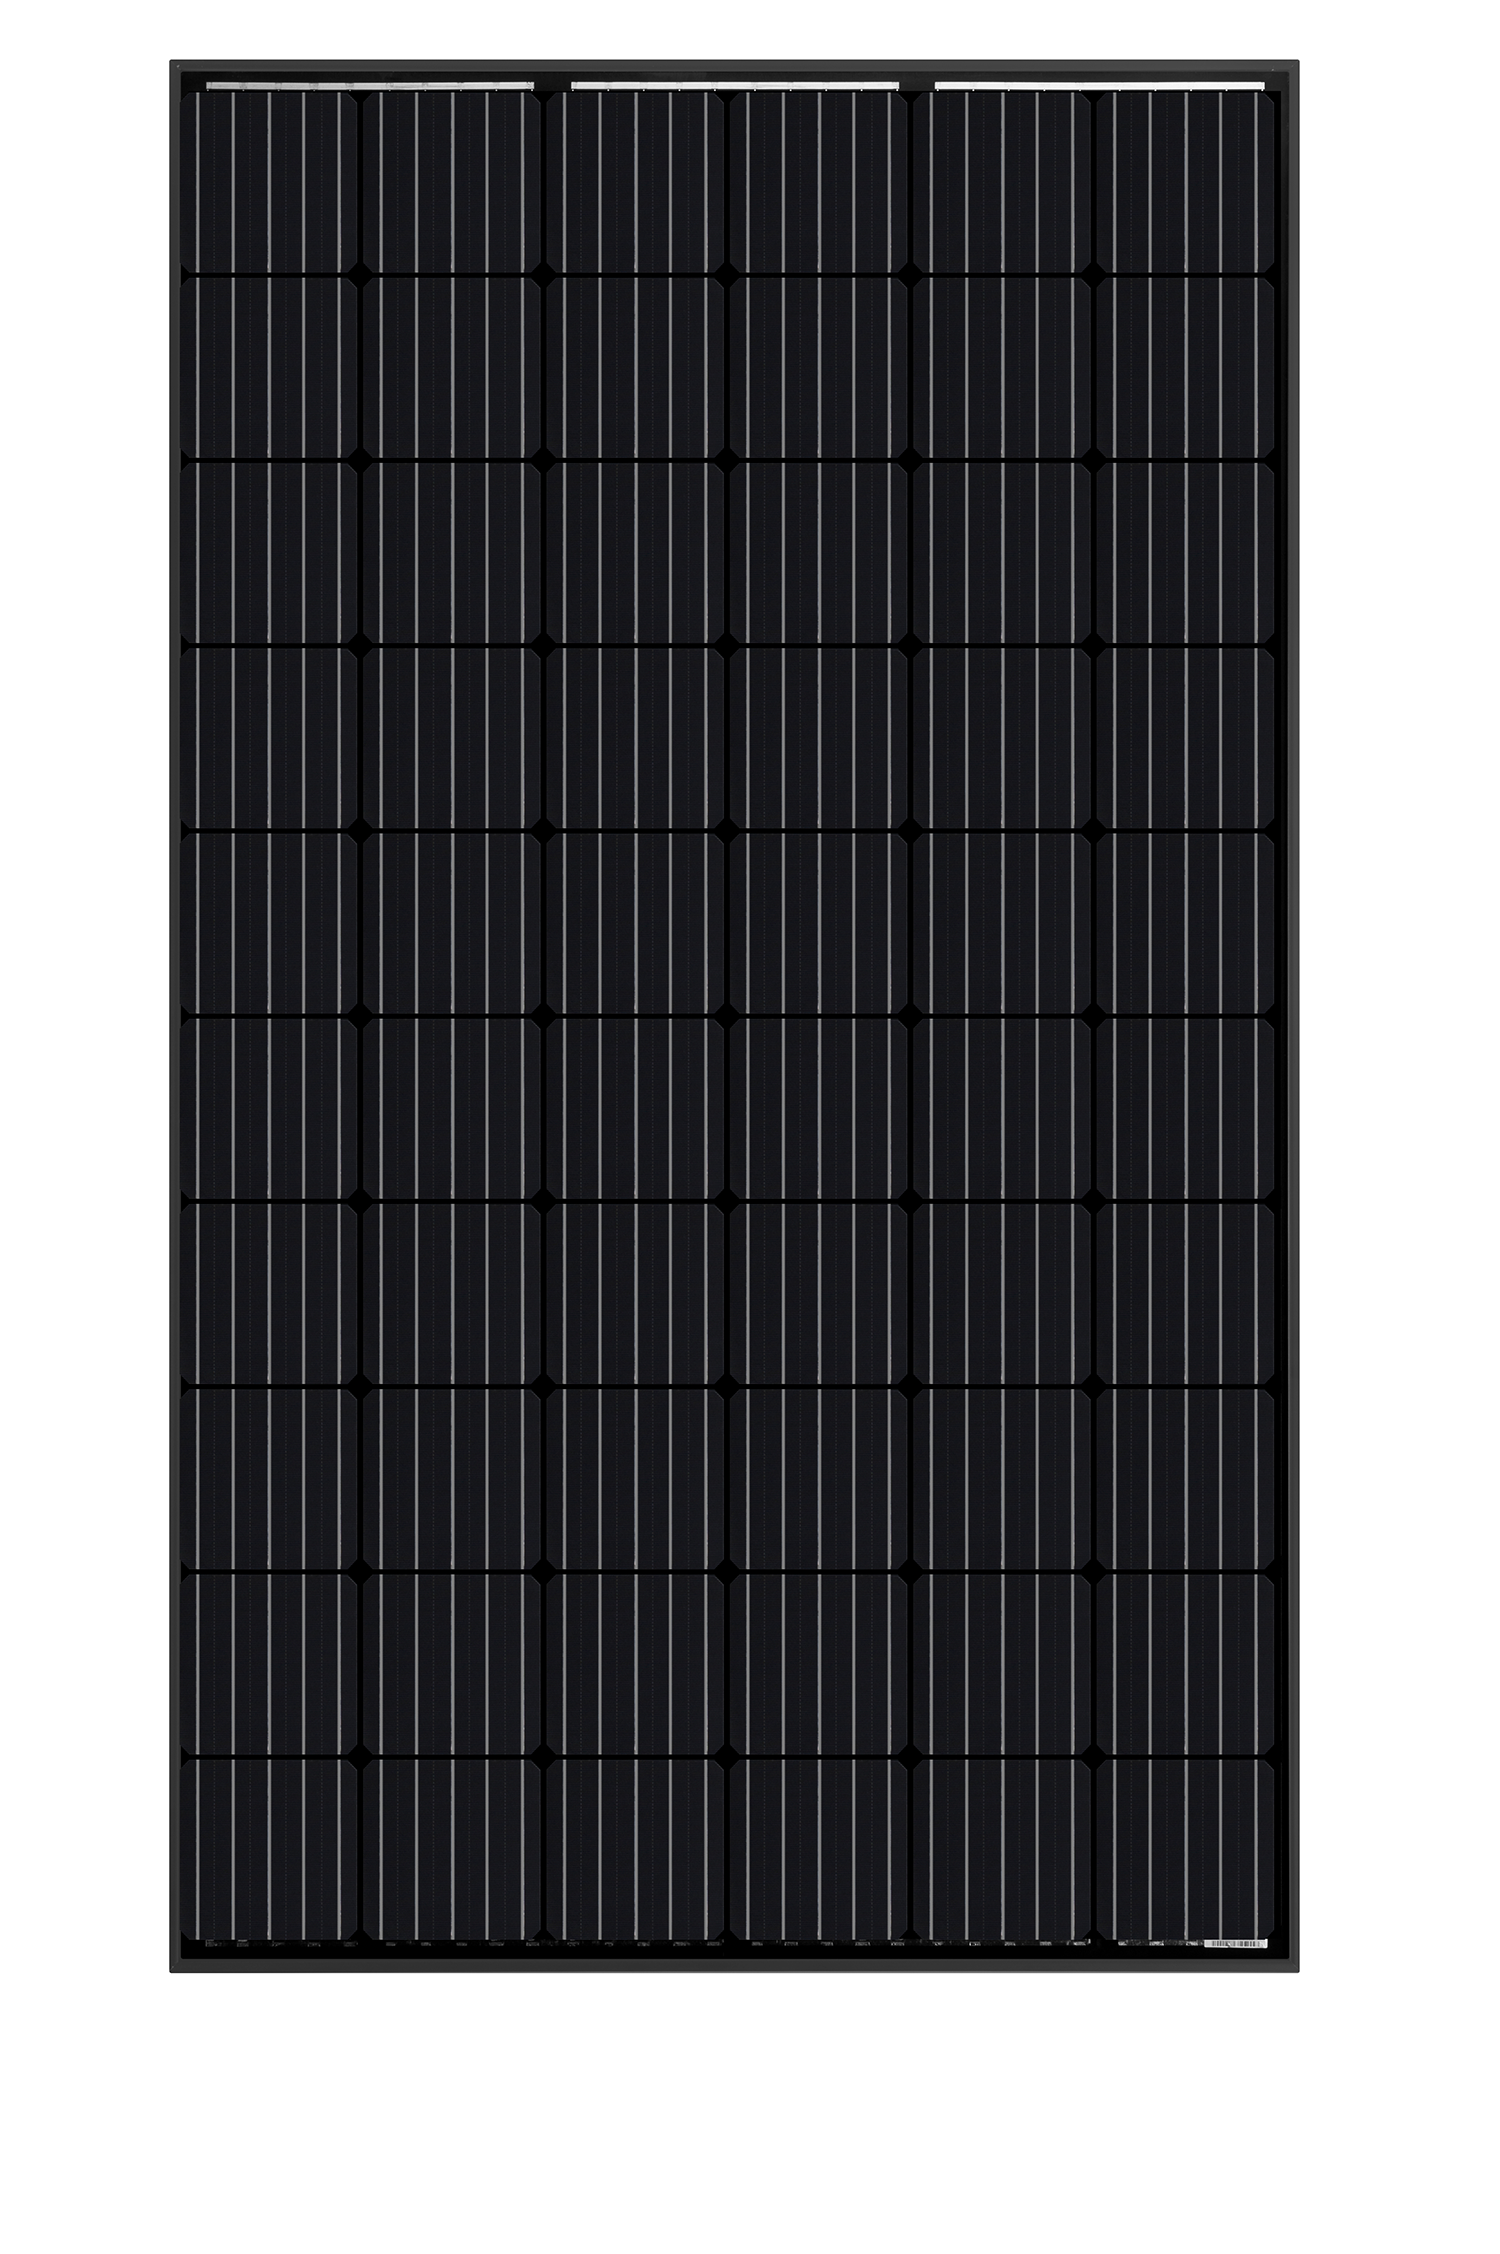 LG NeON R A5 slider